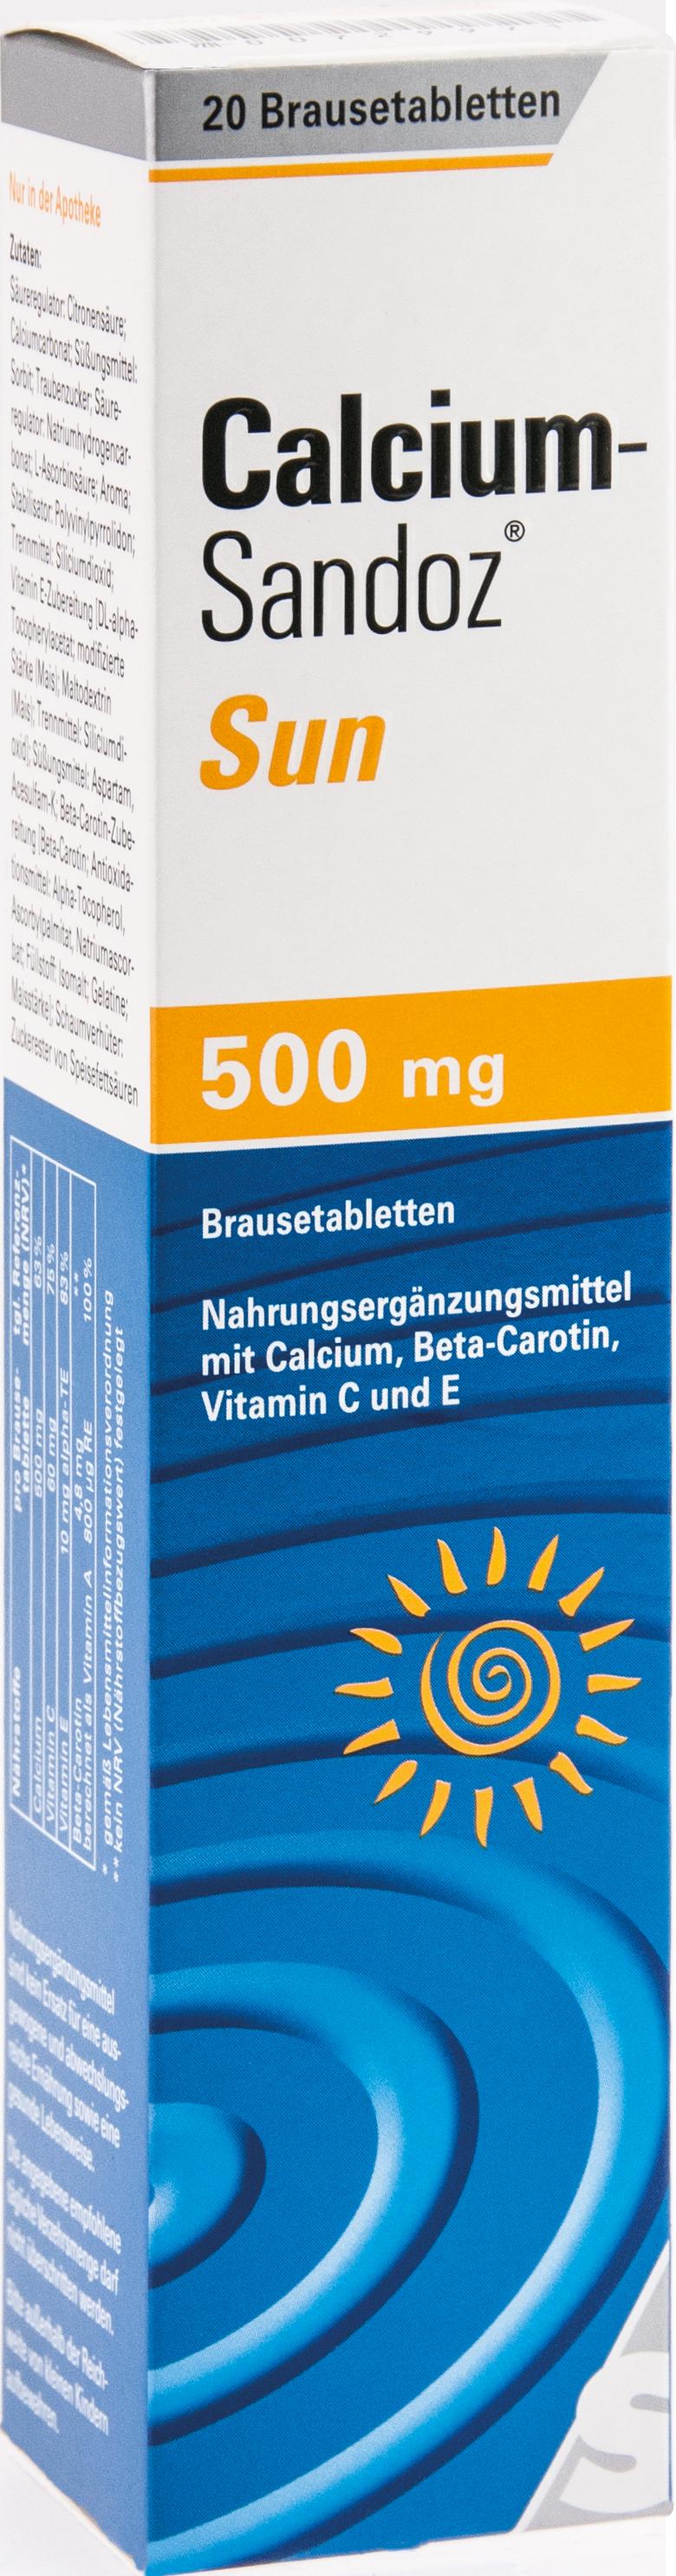 Calcium-Sandoz Sun